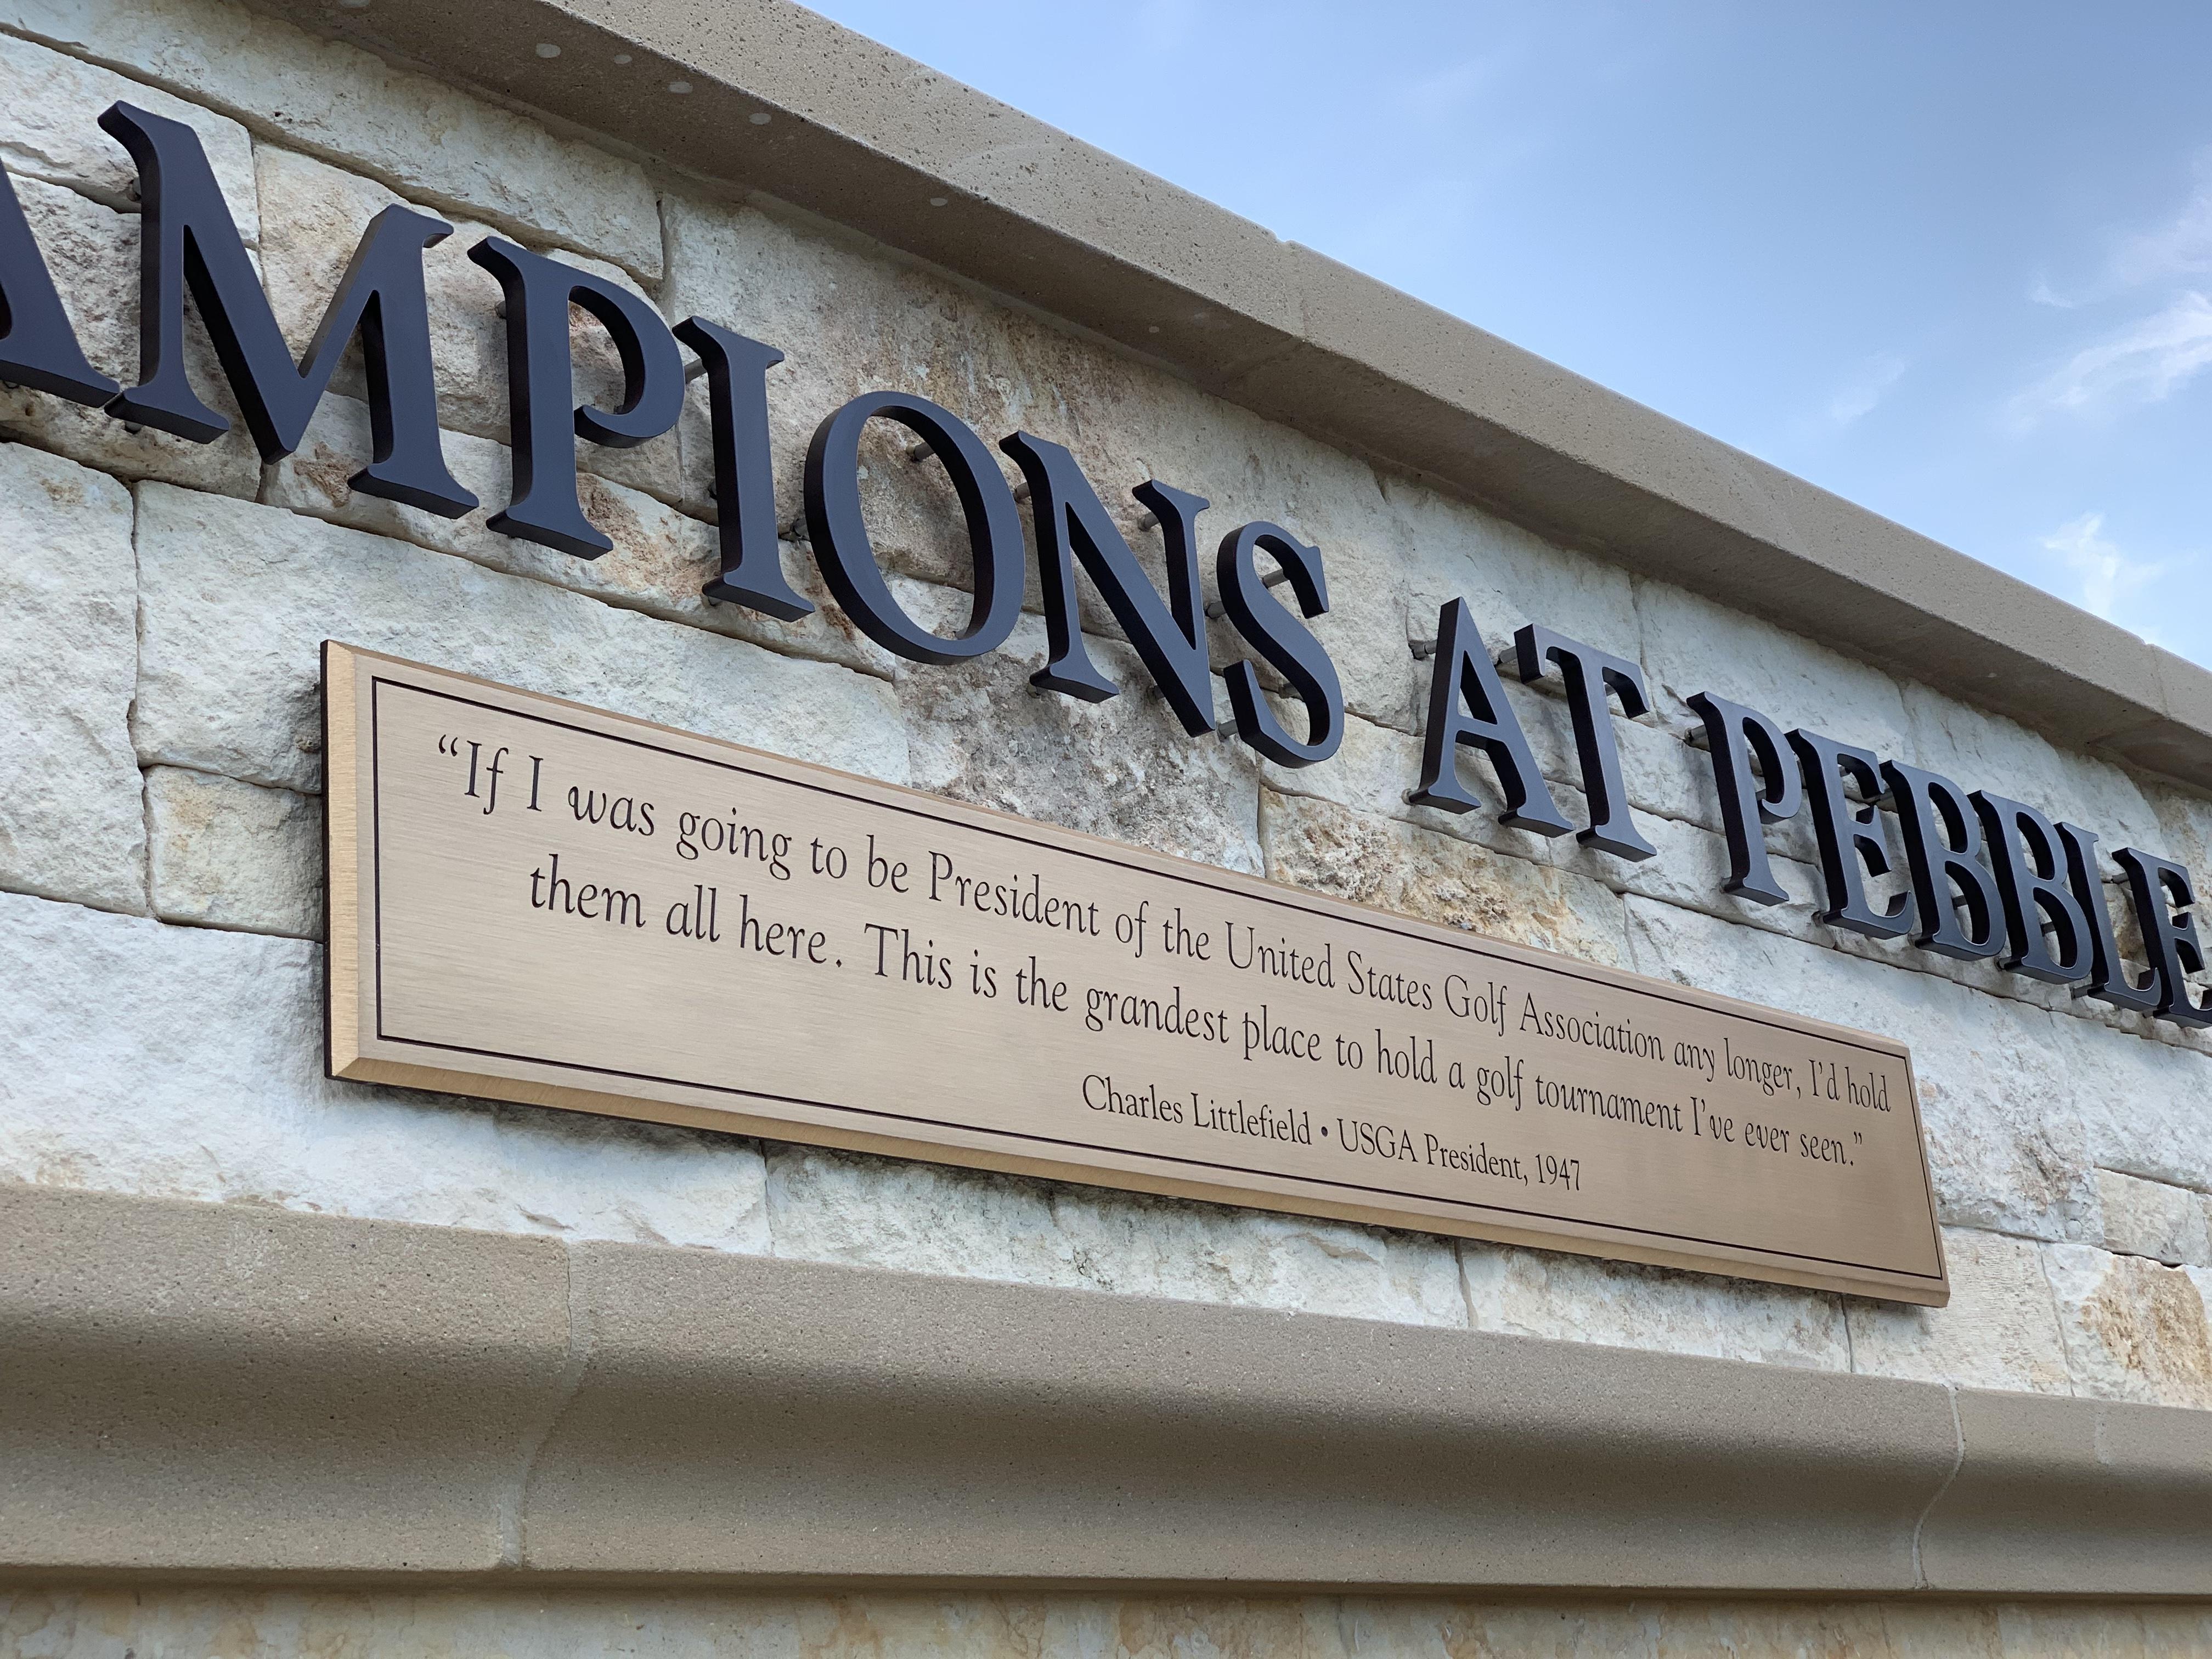 Major Champions at Pebble Beach